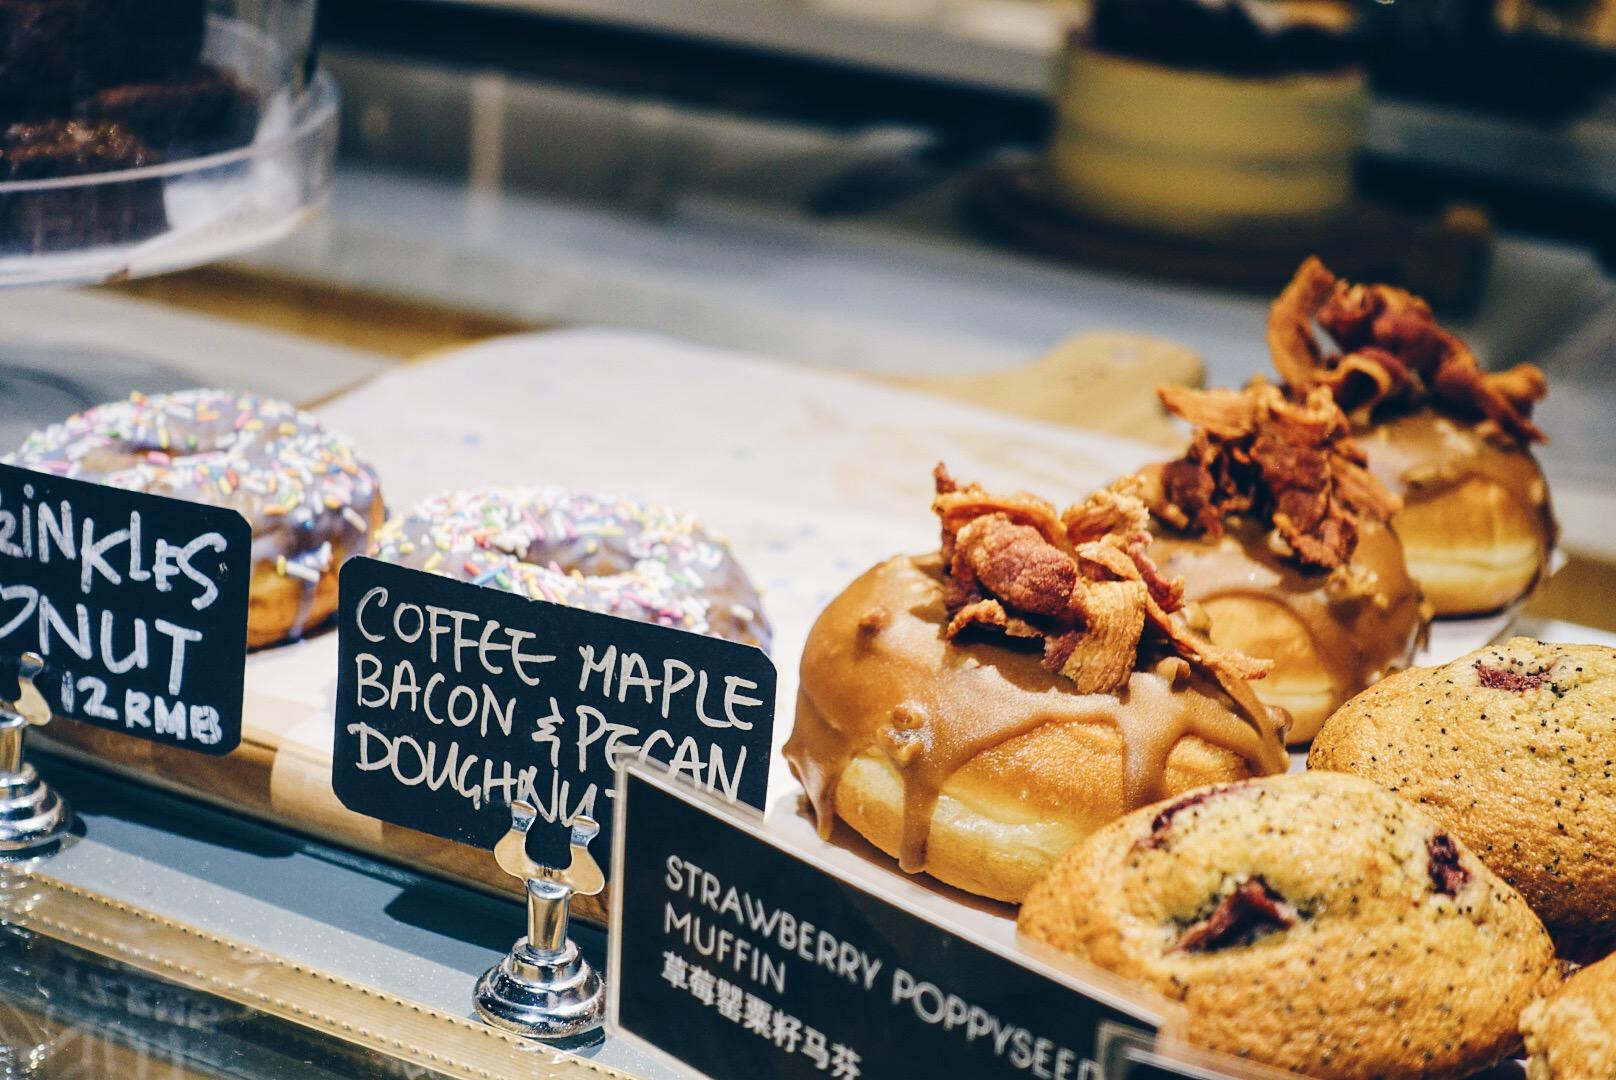 Maple Bacon Donut @ Al's Baking Co